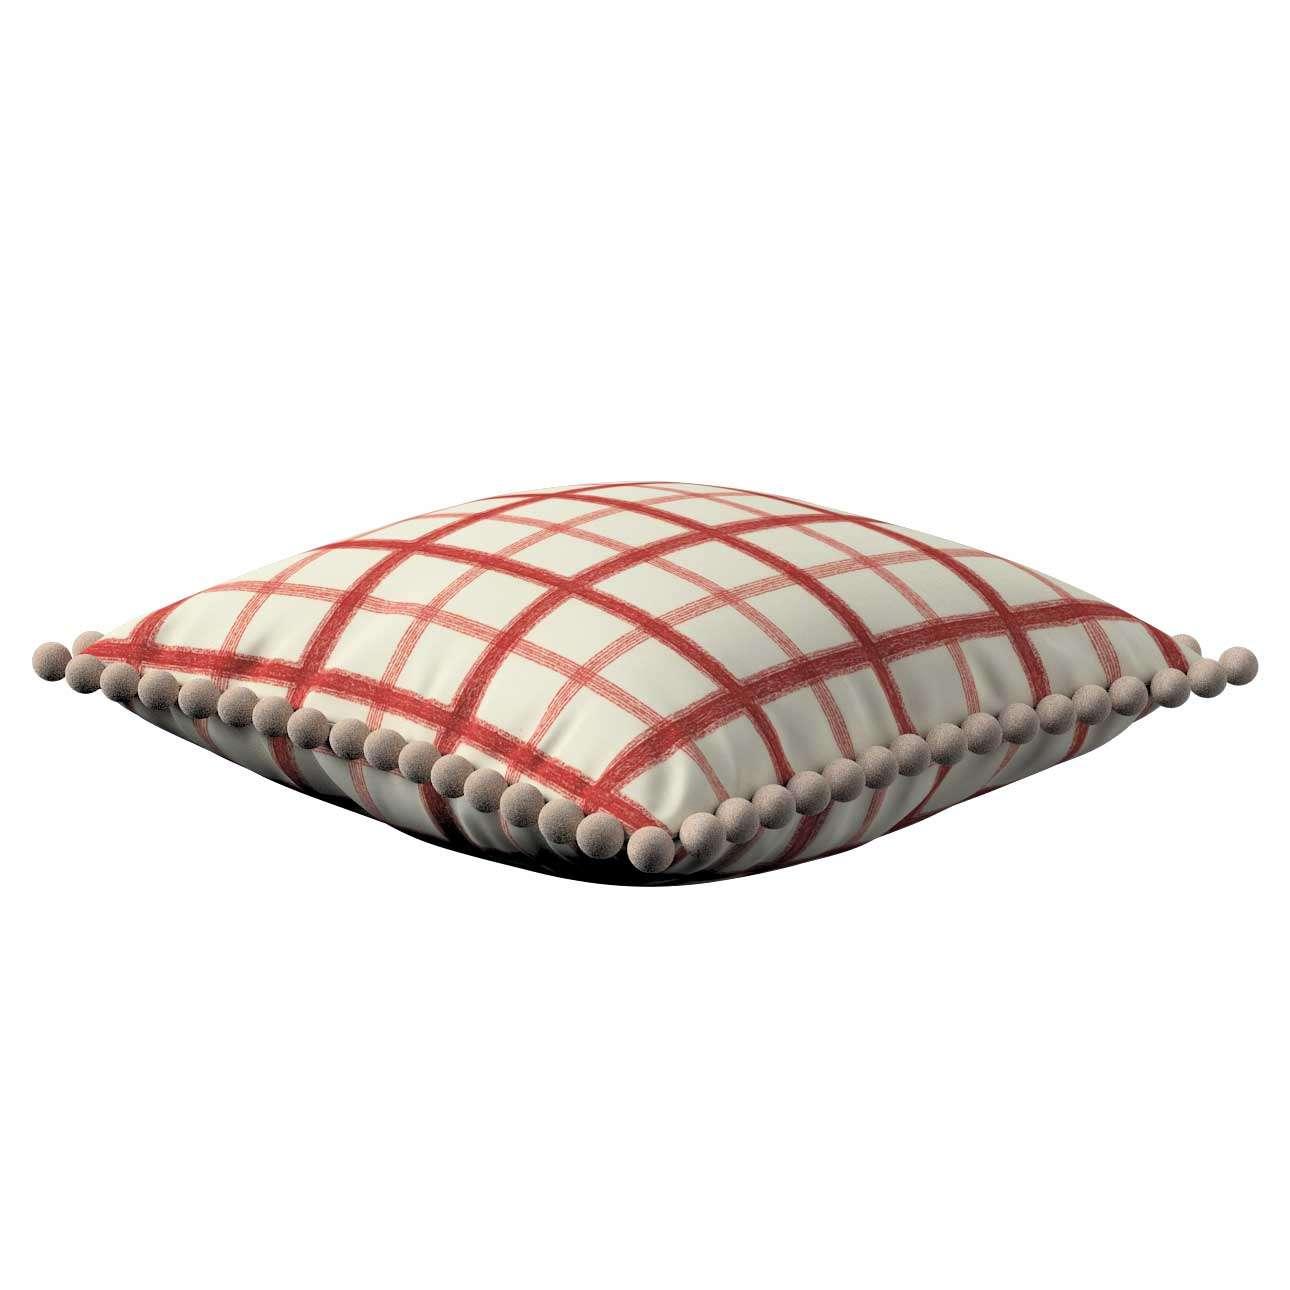 Wera dekoratyvinės pagalvėlės su žaismingais kraštais 45 x 45 cm kolekcijoje Avinon, audinys: 131-15